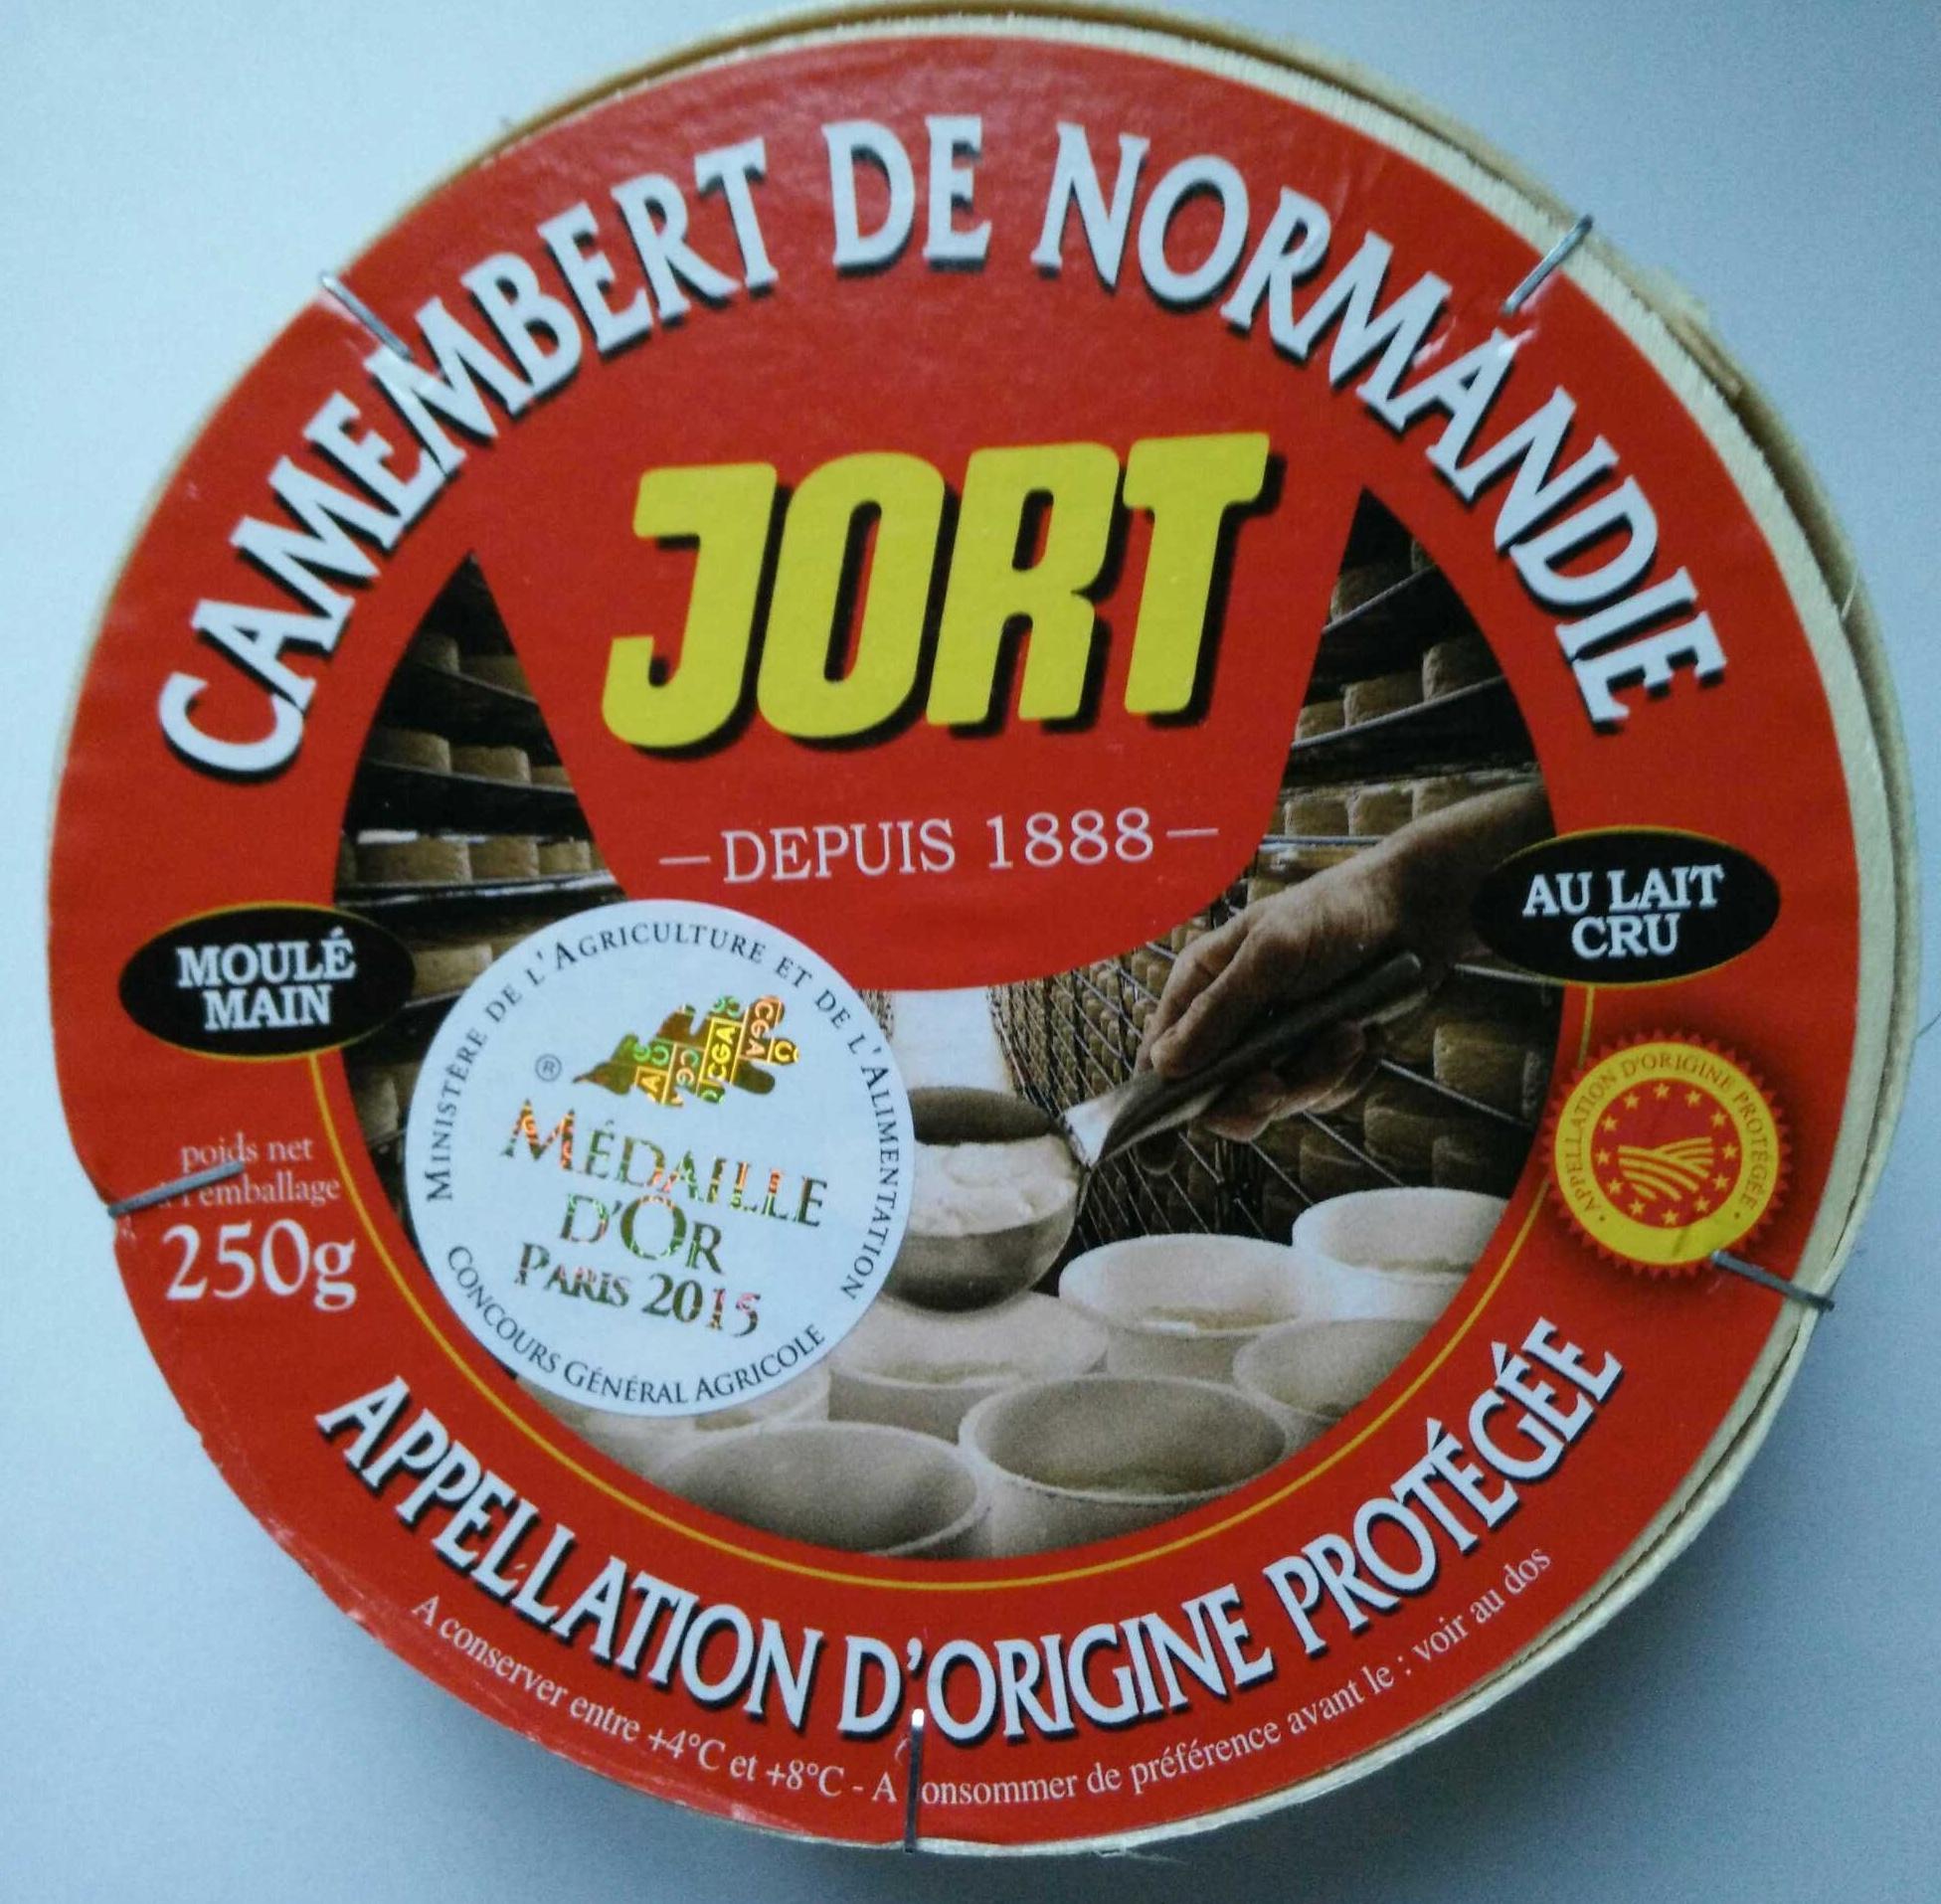 Camembert de Normandie (22% MG) - Product